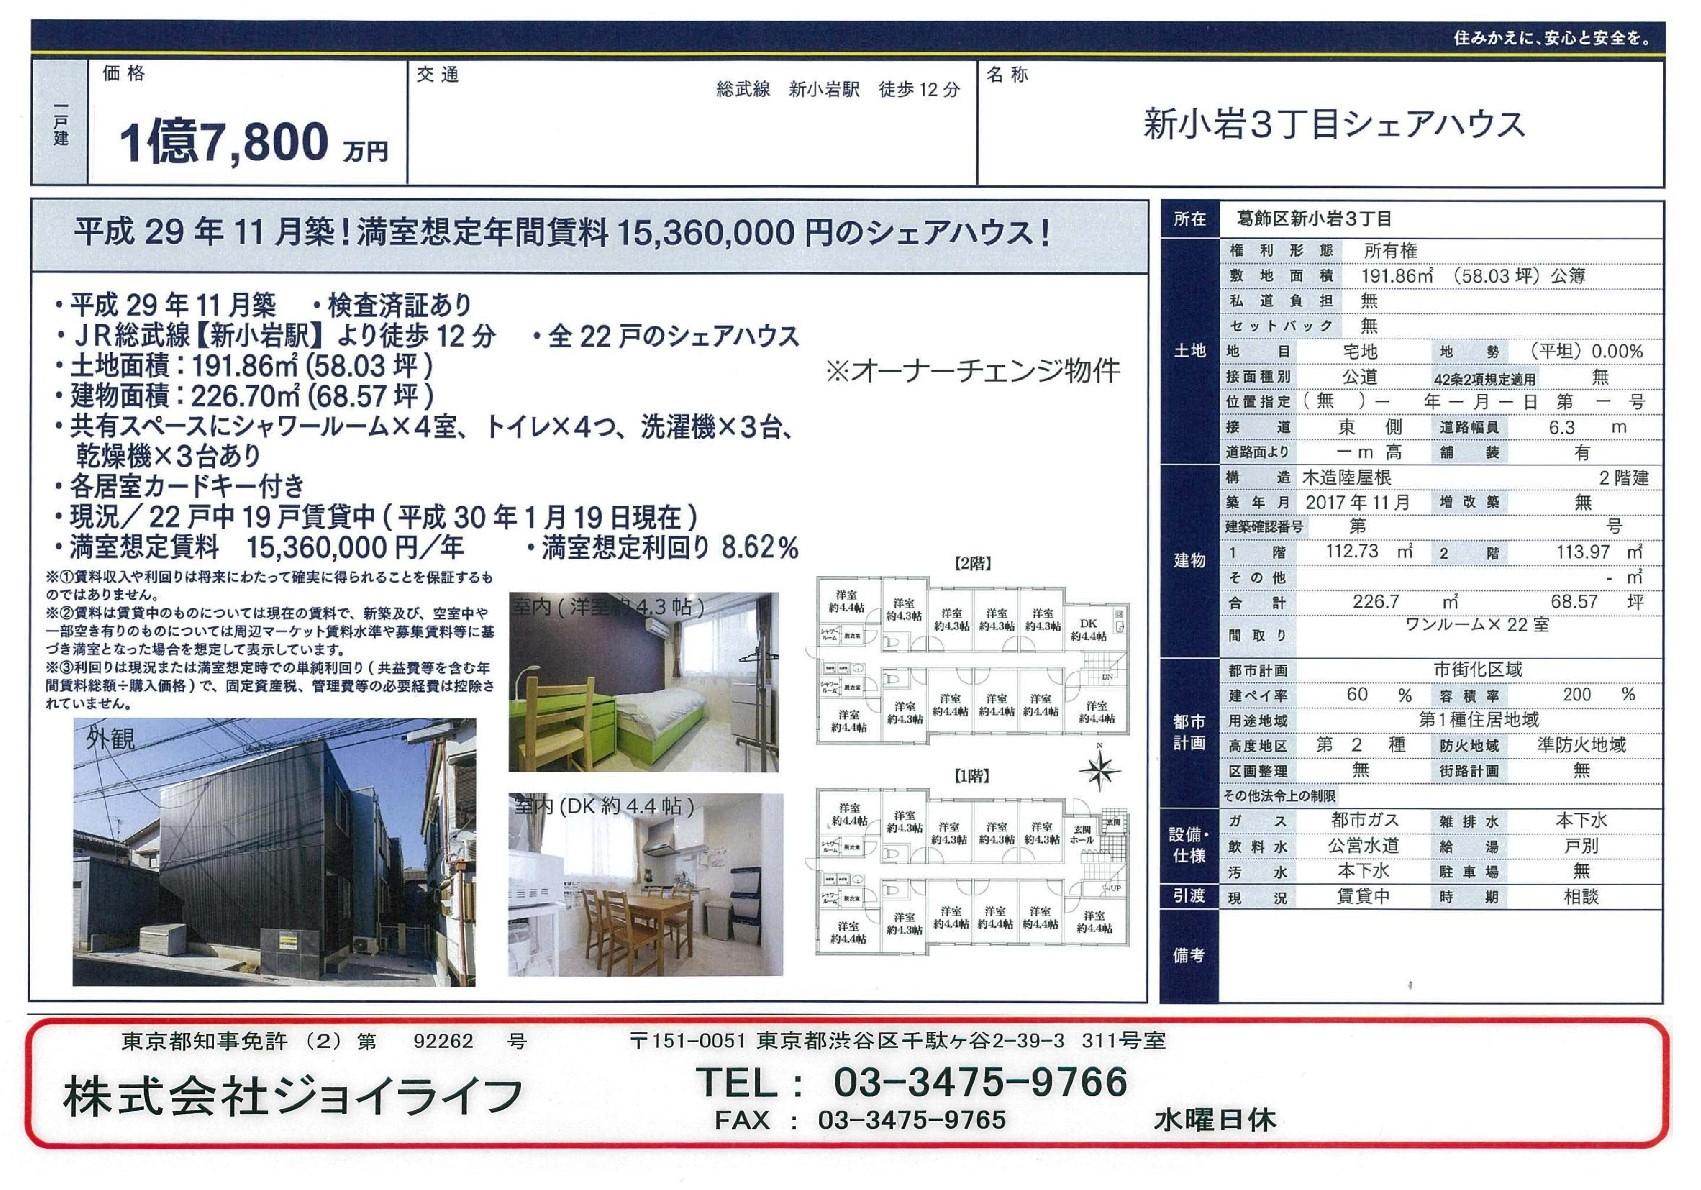 2017新小岩12分17800萬SH-001